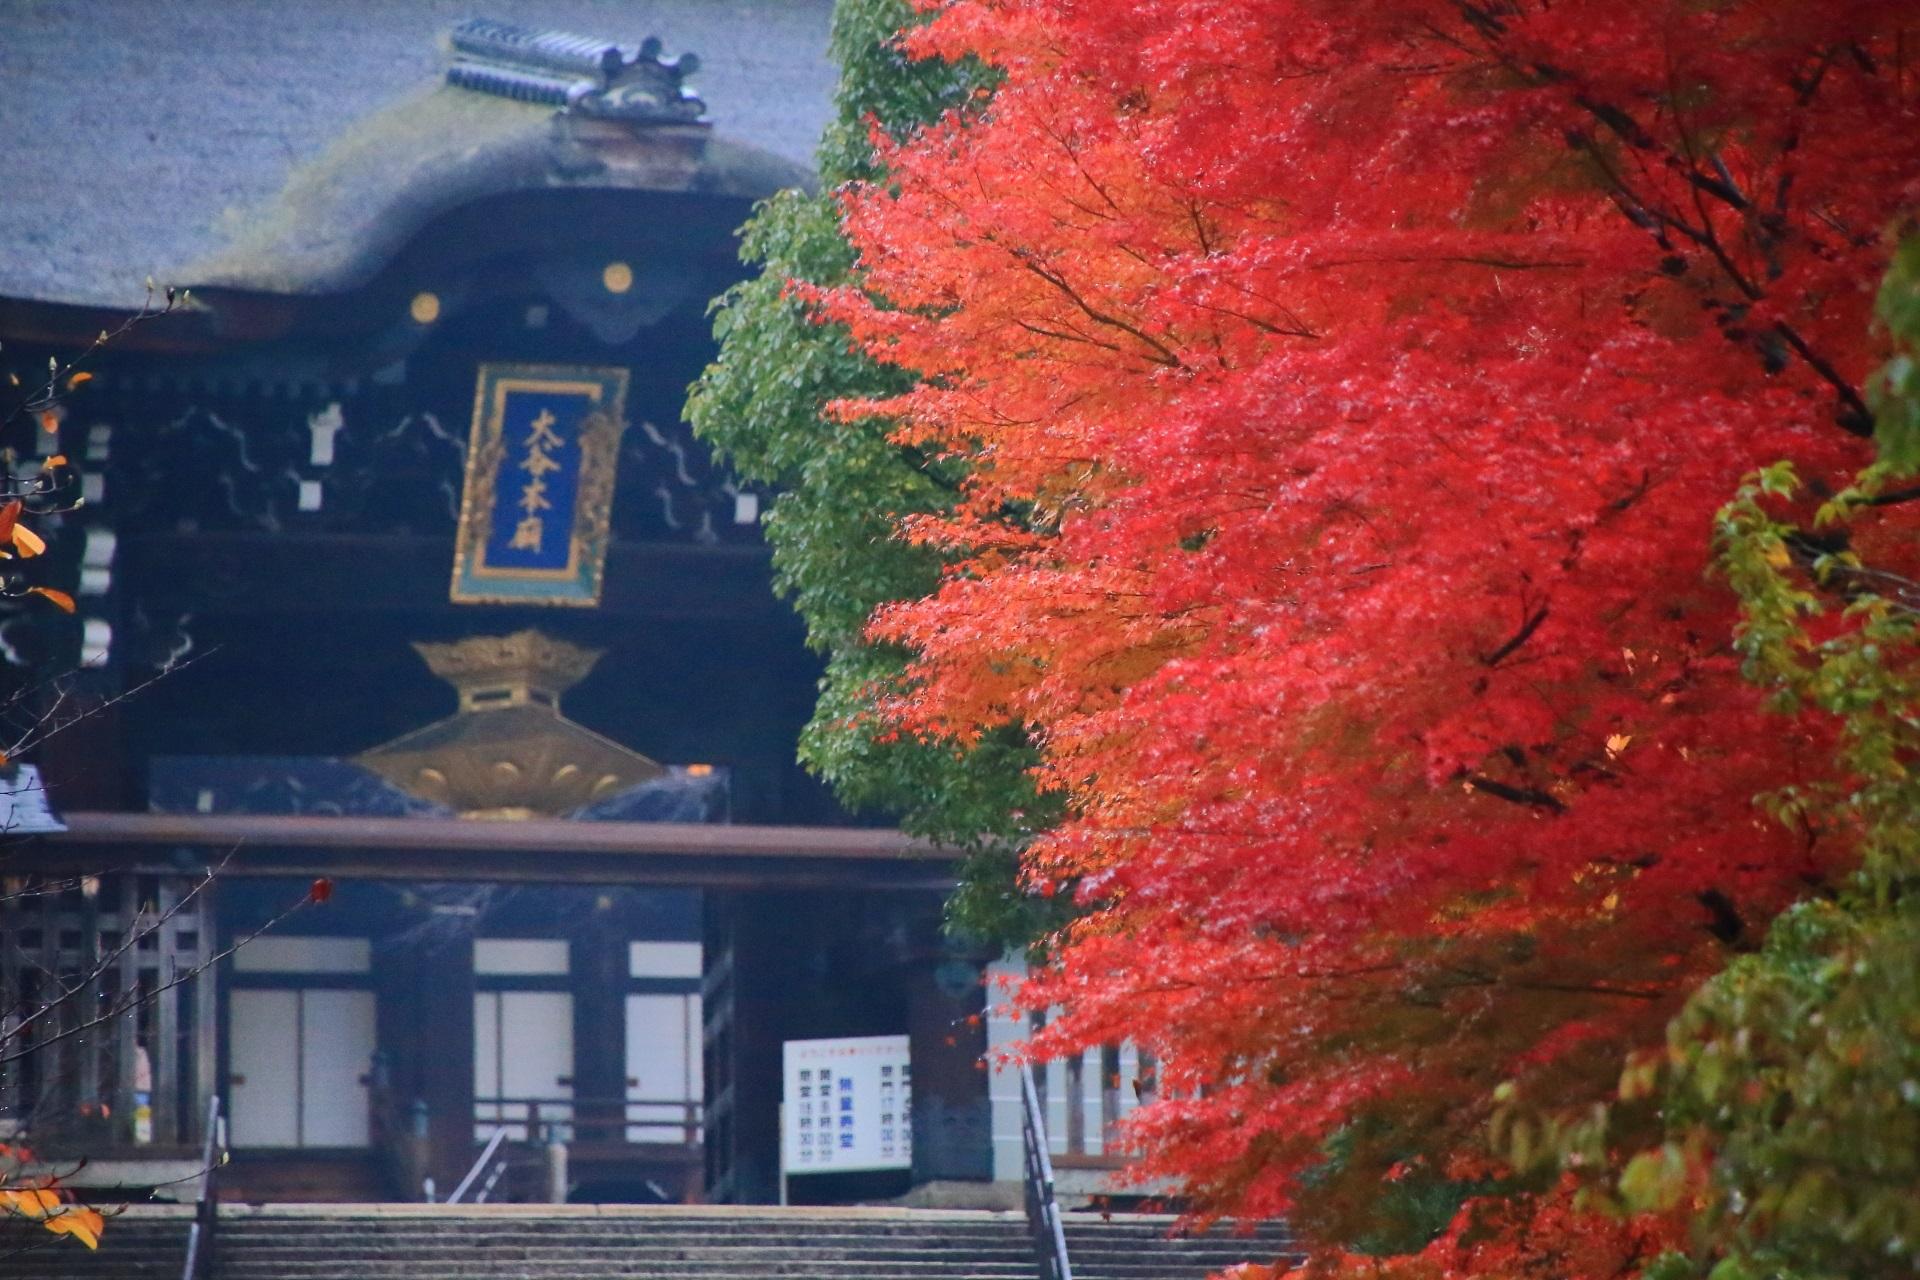 大谷本廟の総門を彩る真っ赤な紅葉